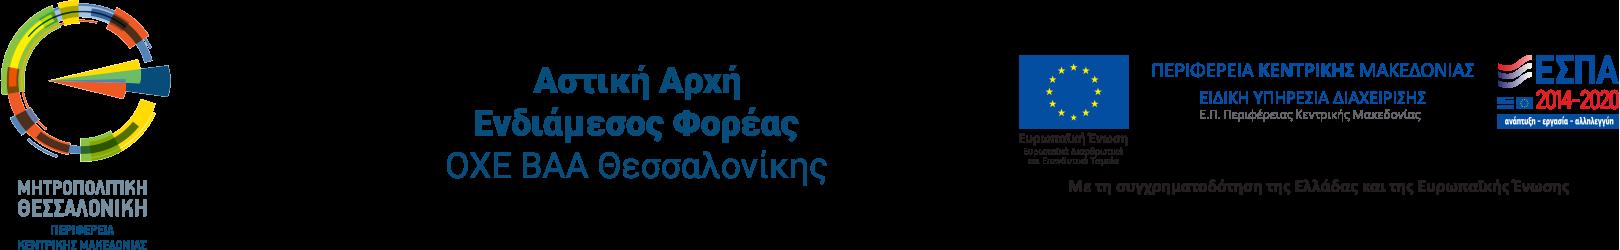 ΜΗΤΡΟΠΟΛΙΤΙΚΗ ΘΕΣΣΑΛΟΝΙΚΗ Λογότυπο